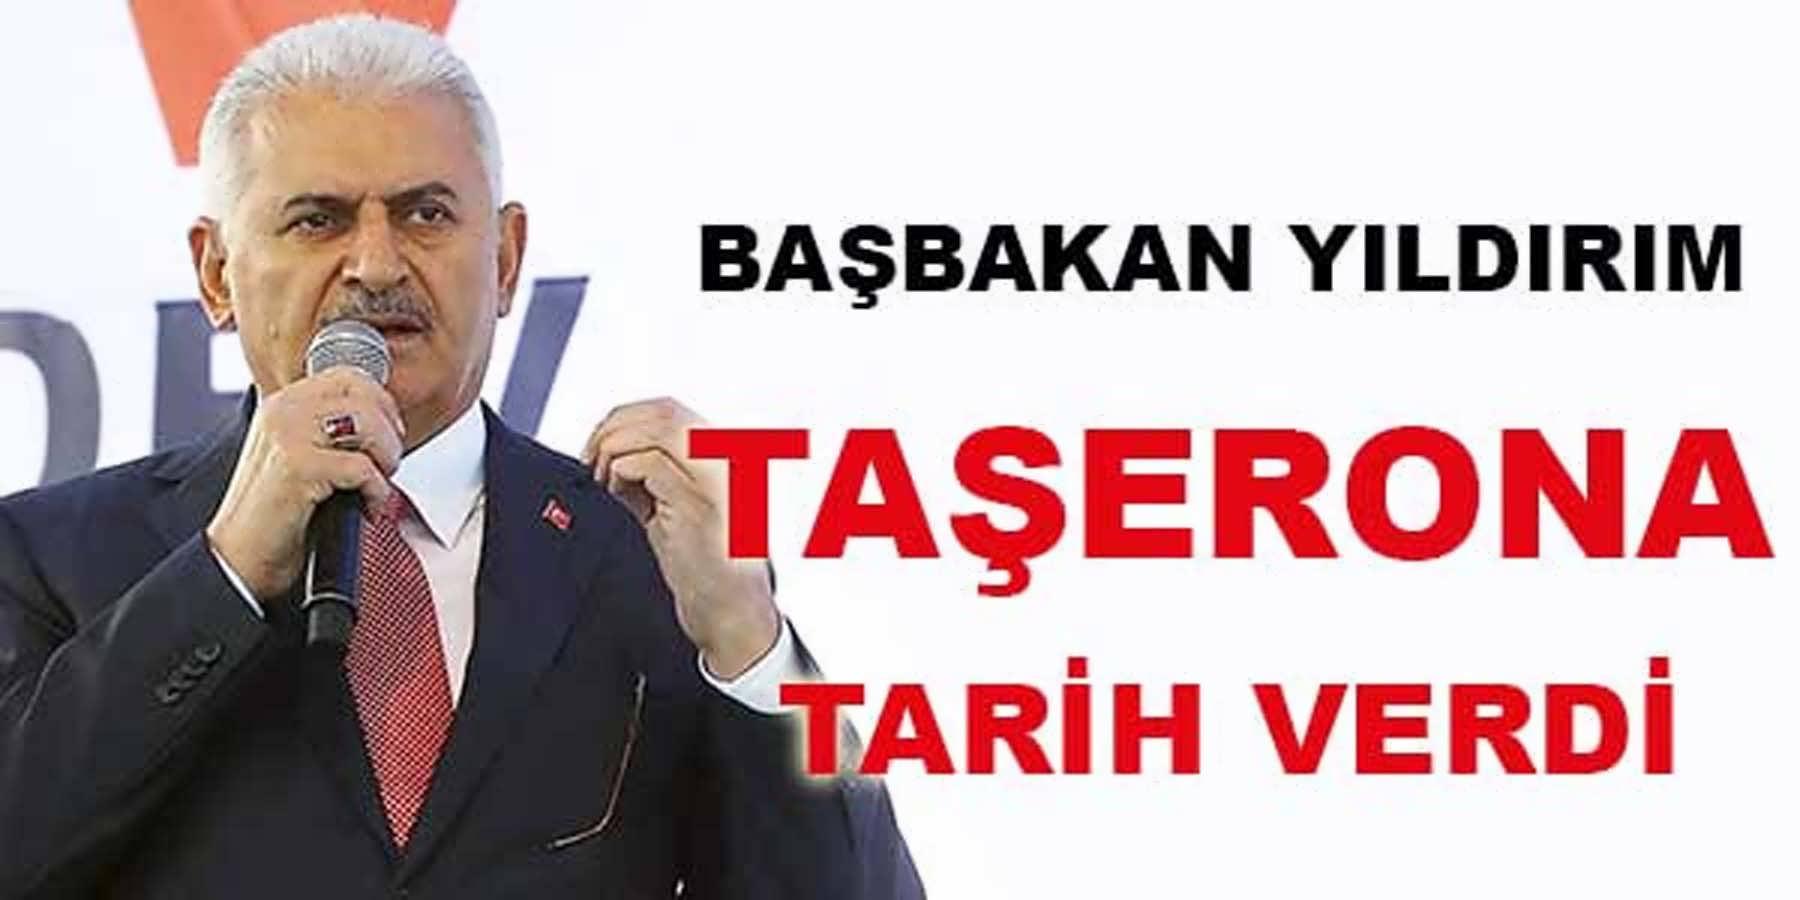 Başbakan Yıldırım Taşerona Kadro İçin Tarih Verdi